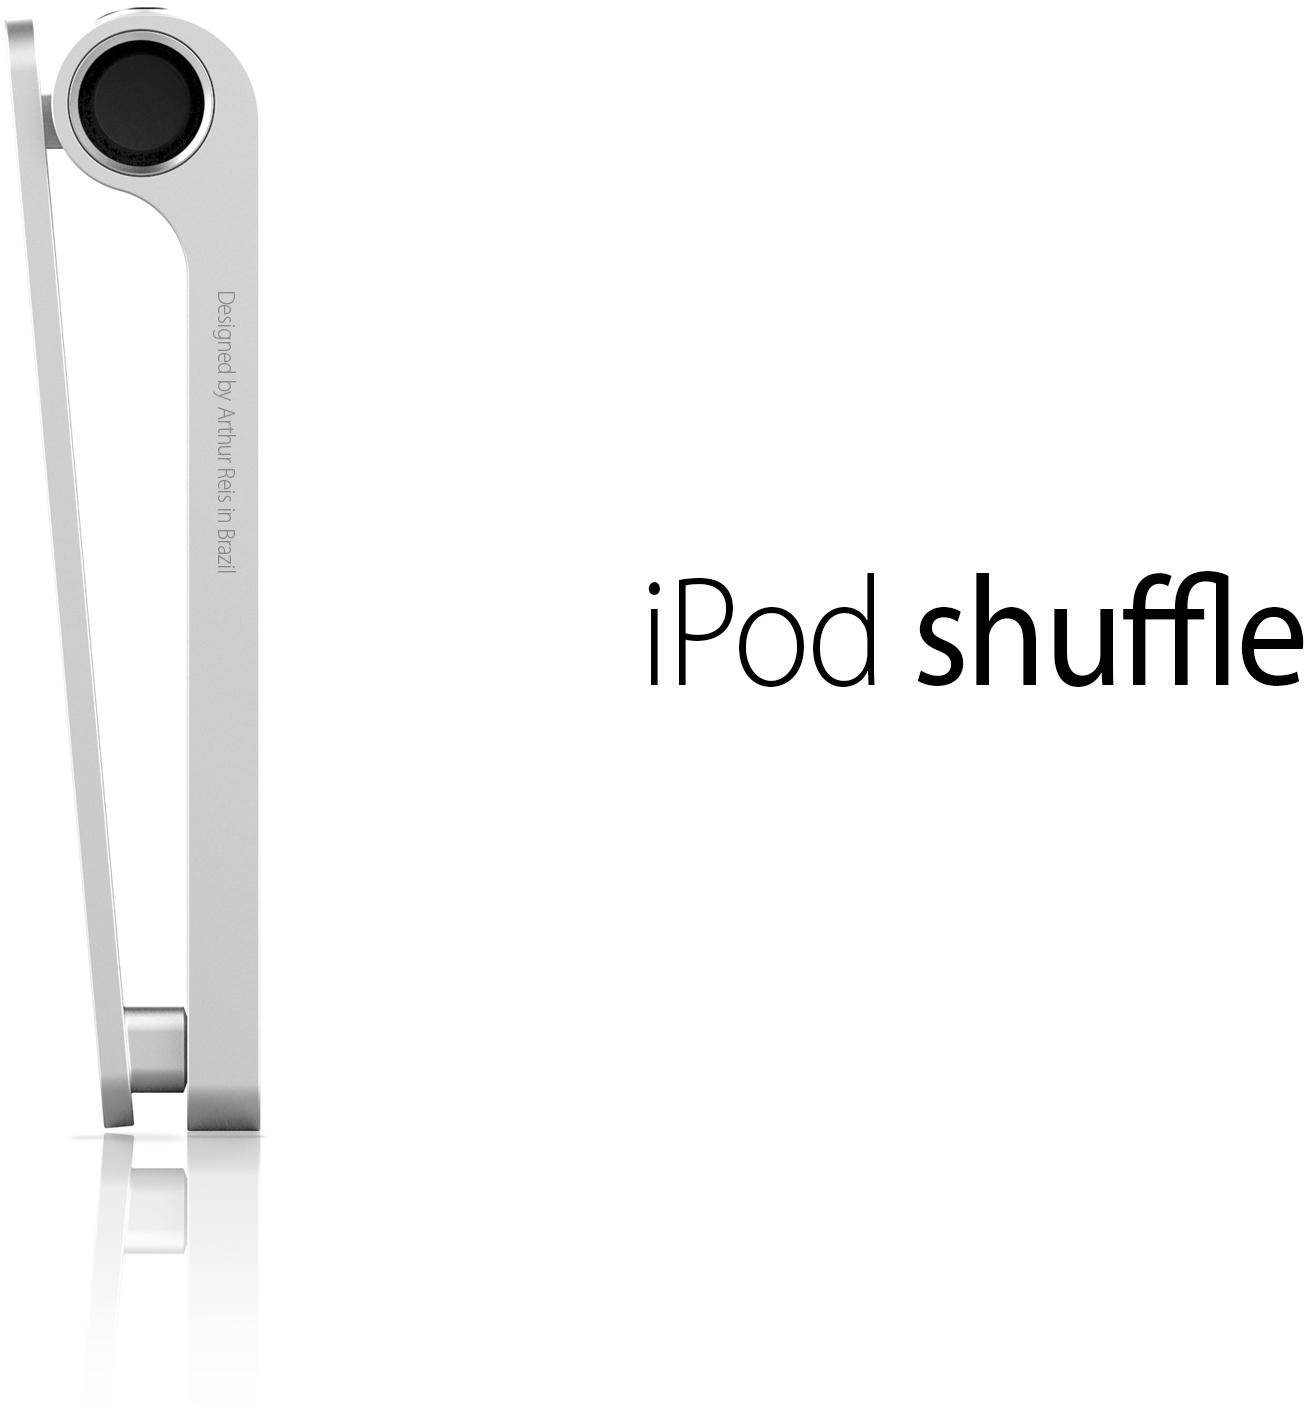 Conceito de novo iPod shuffle